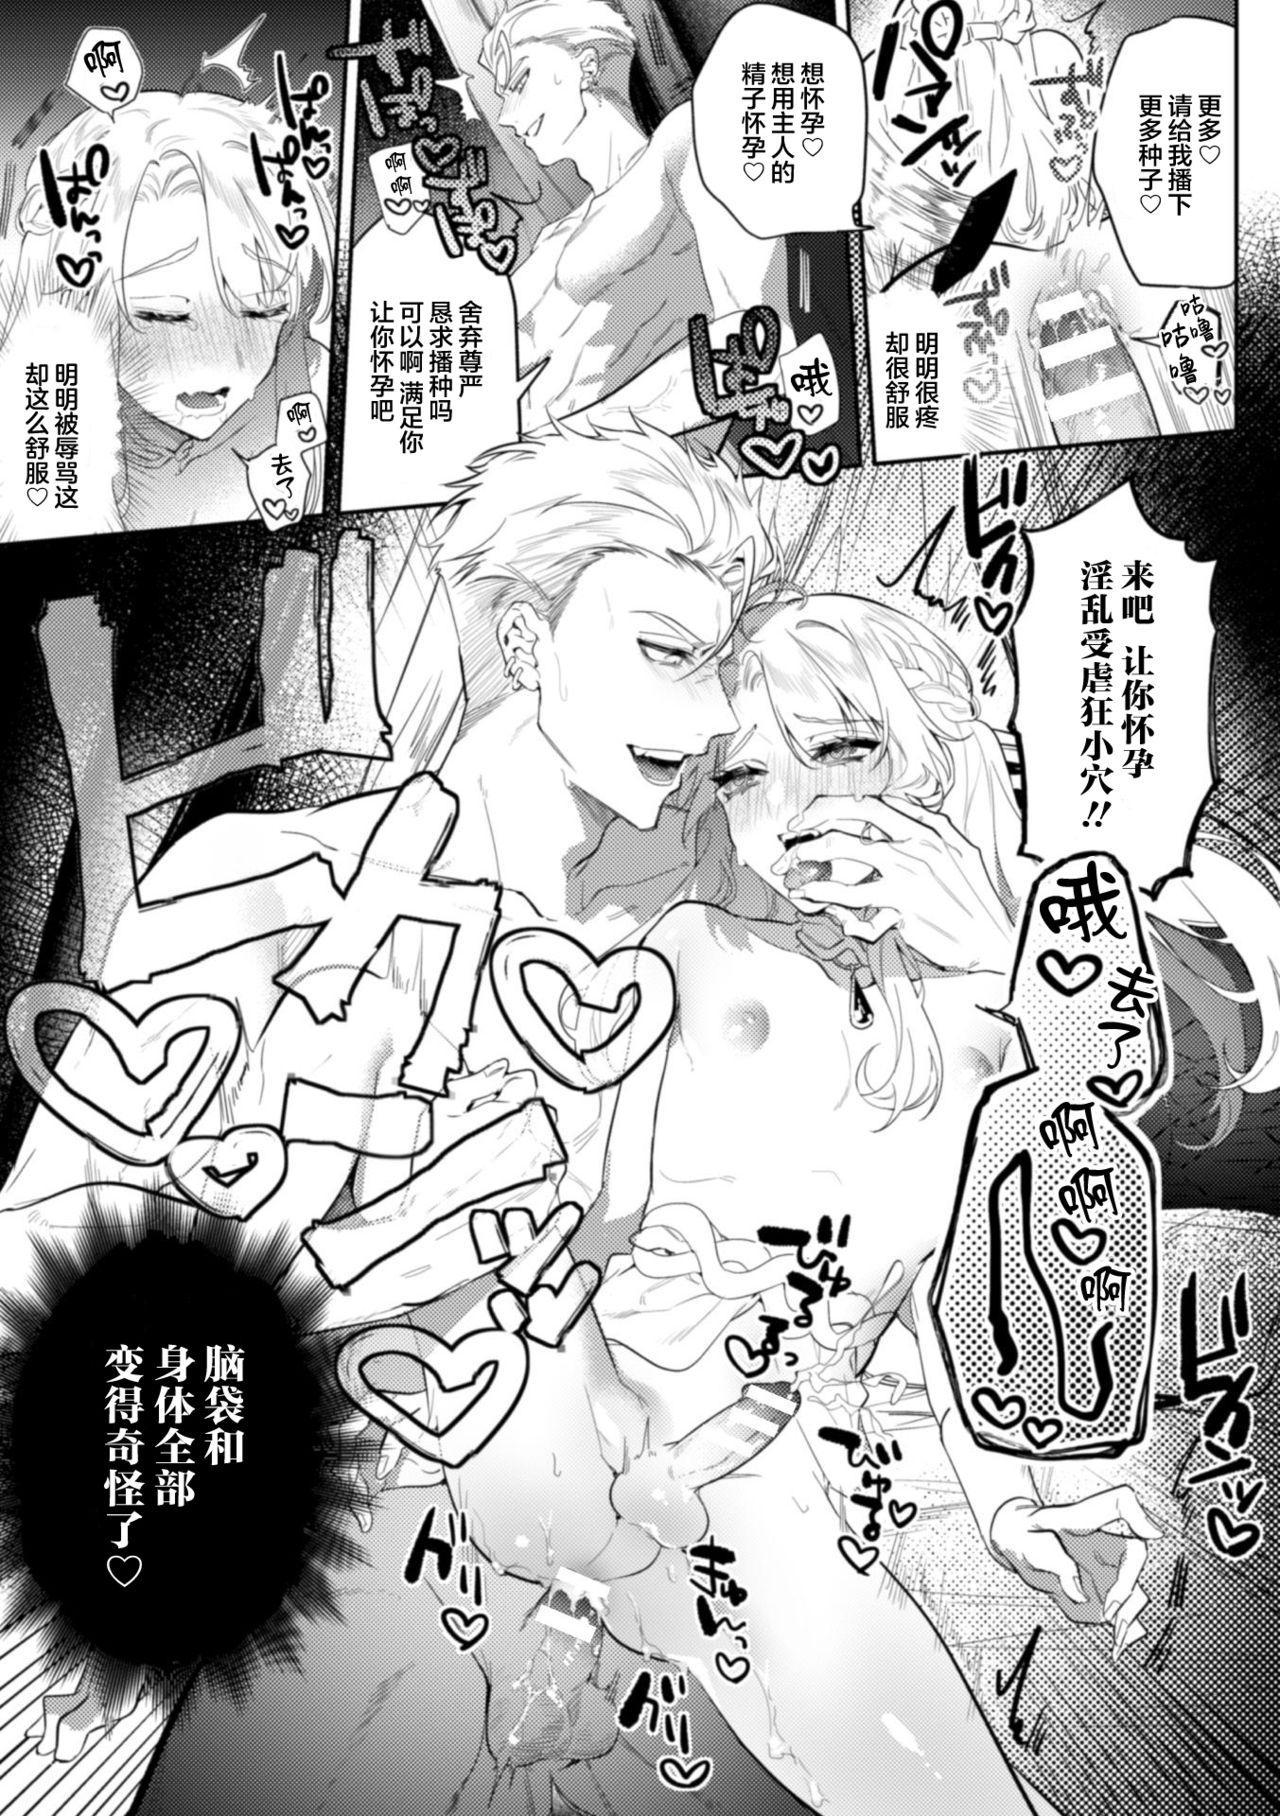 [Hagiyoshi] Intou Kyuuteishi ~Intei to Yobareta Bishounen~ Ch. 2Chinese]【不可视汉化】 24